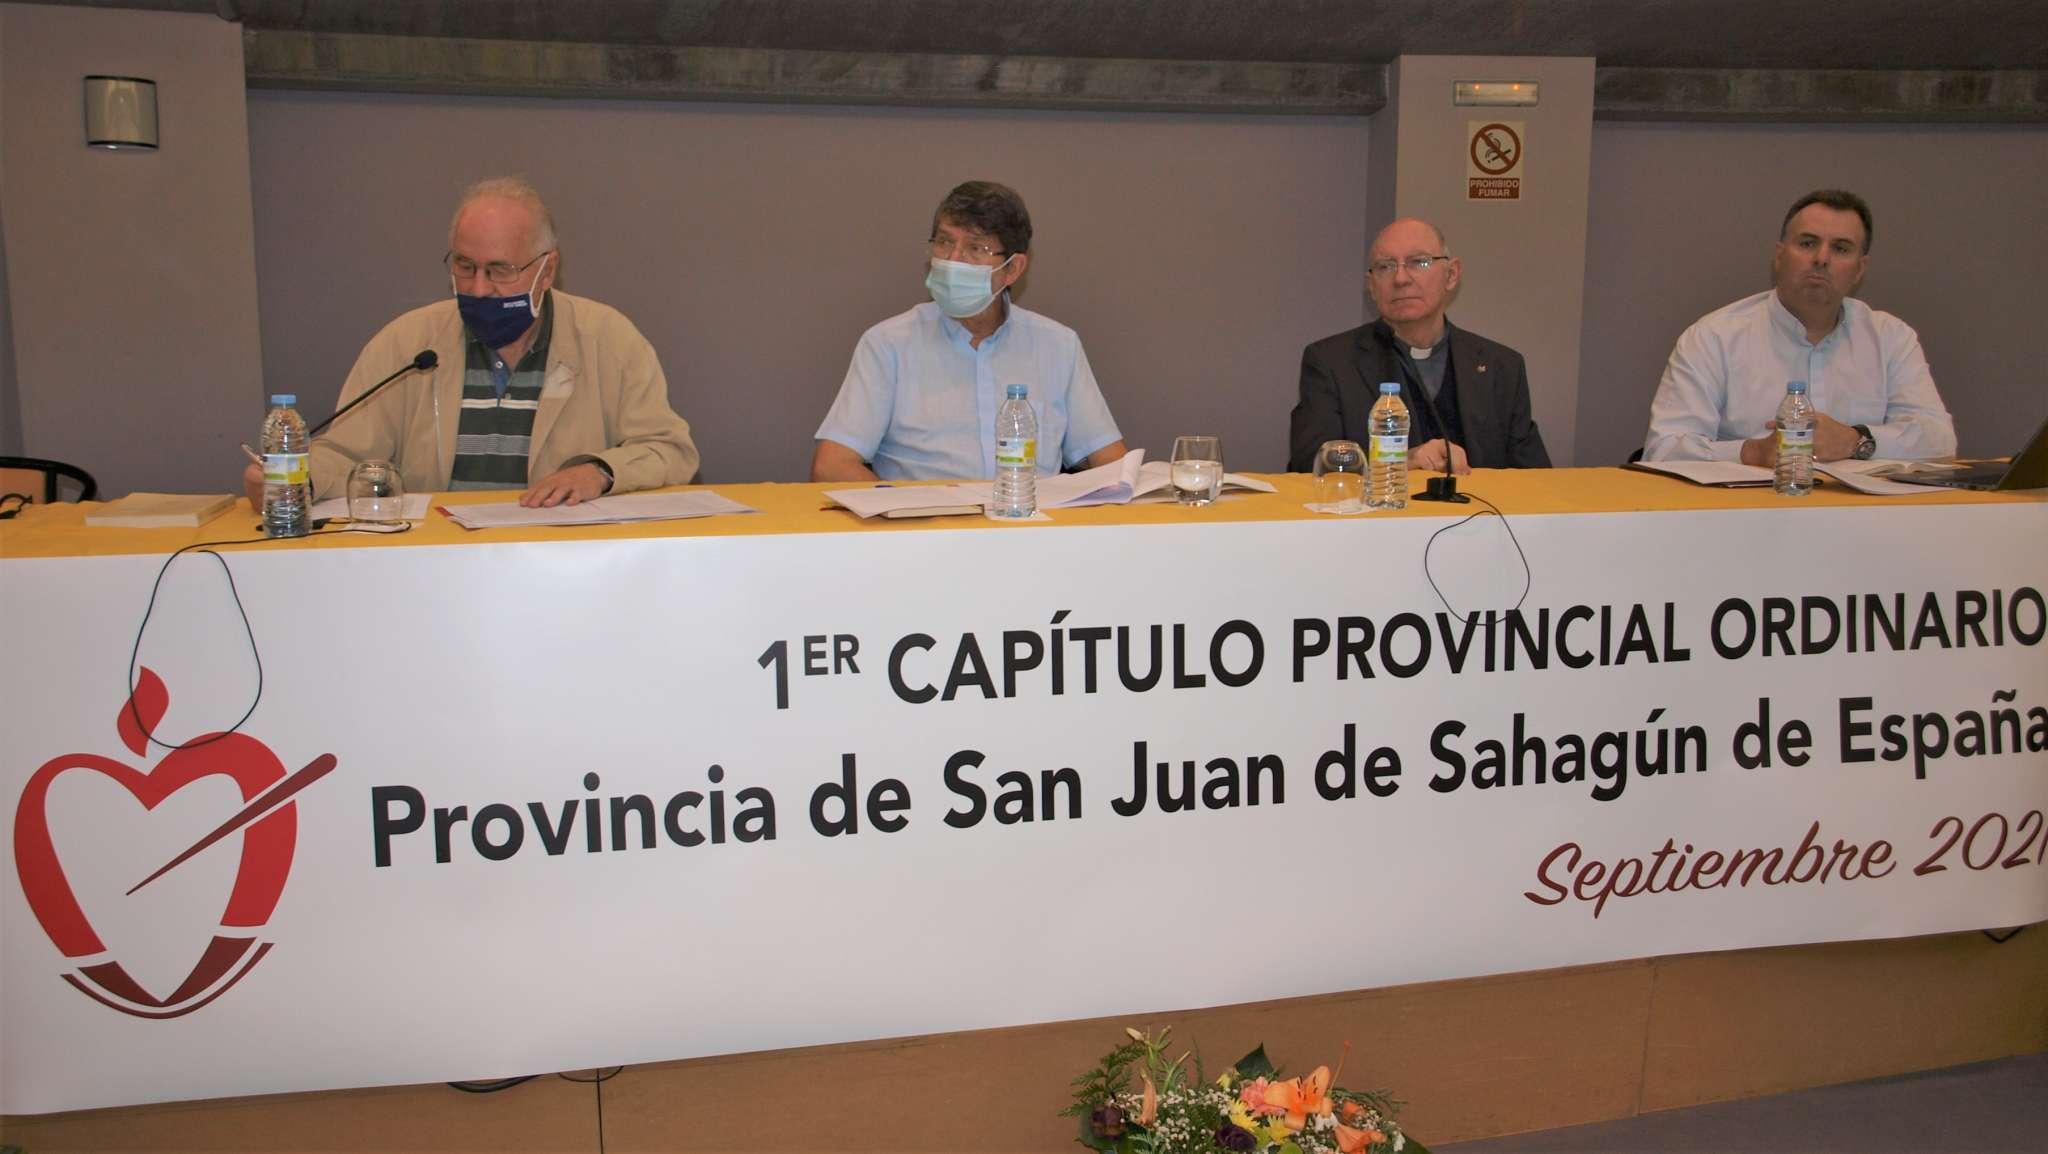 En la tercera jornada del Capítulo Provincial las sesiones de trabajo se dedicaron a la revisión y aprobación de los estatutos.